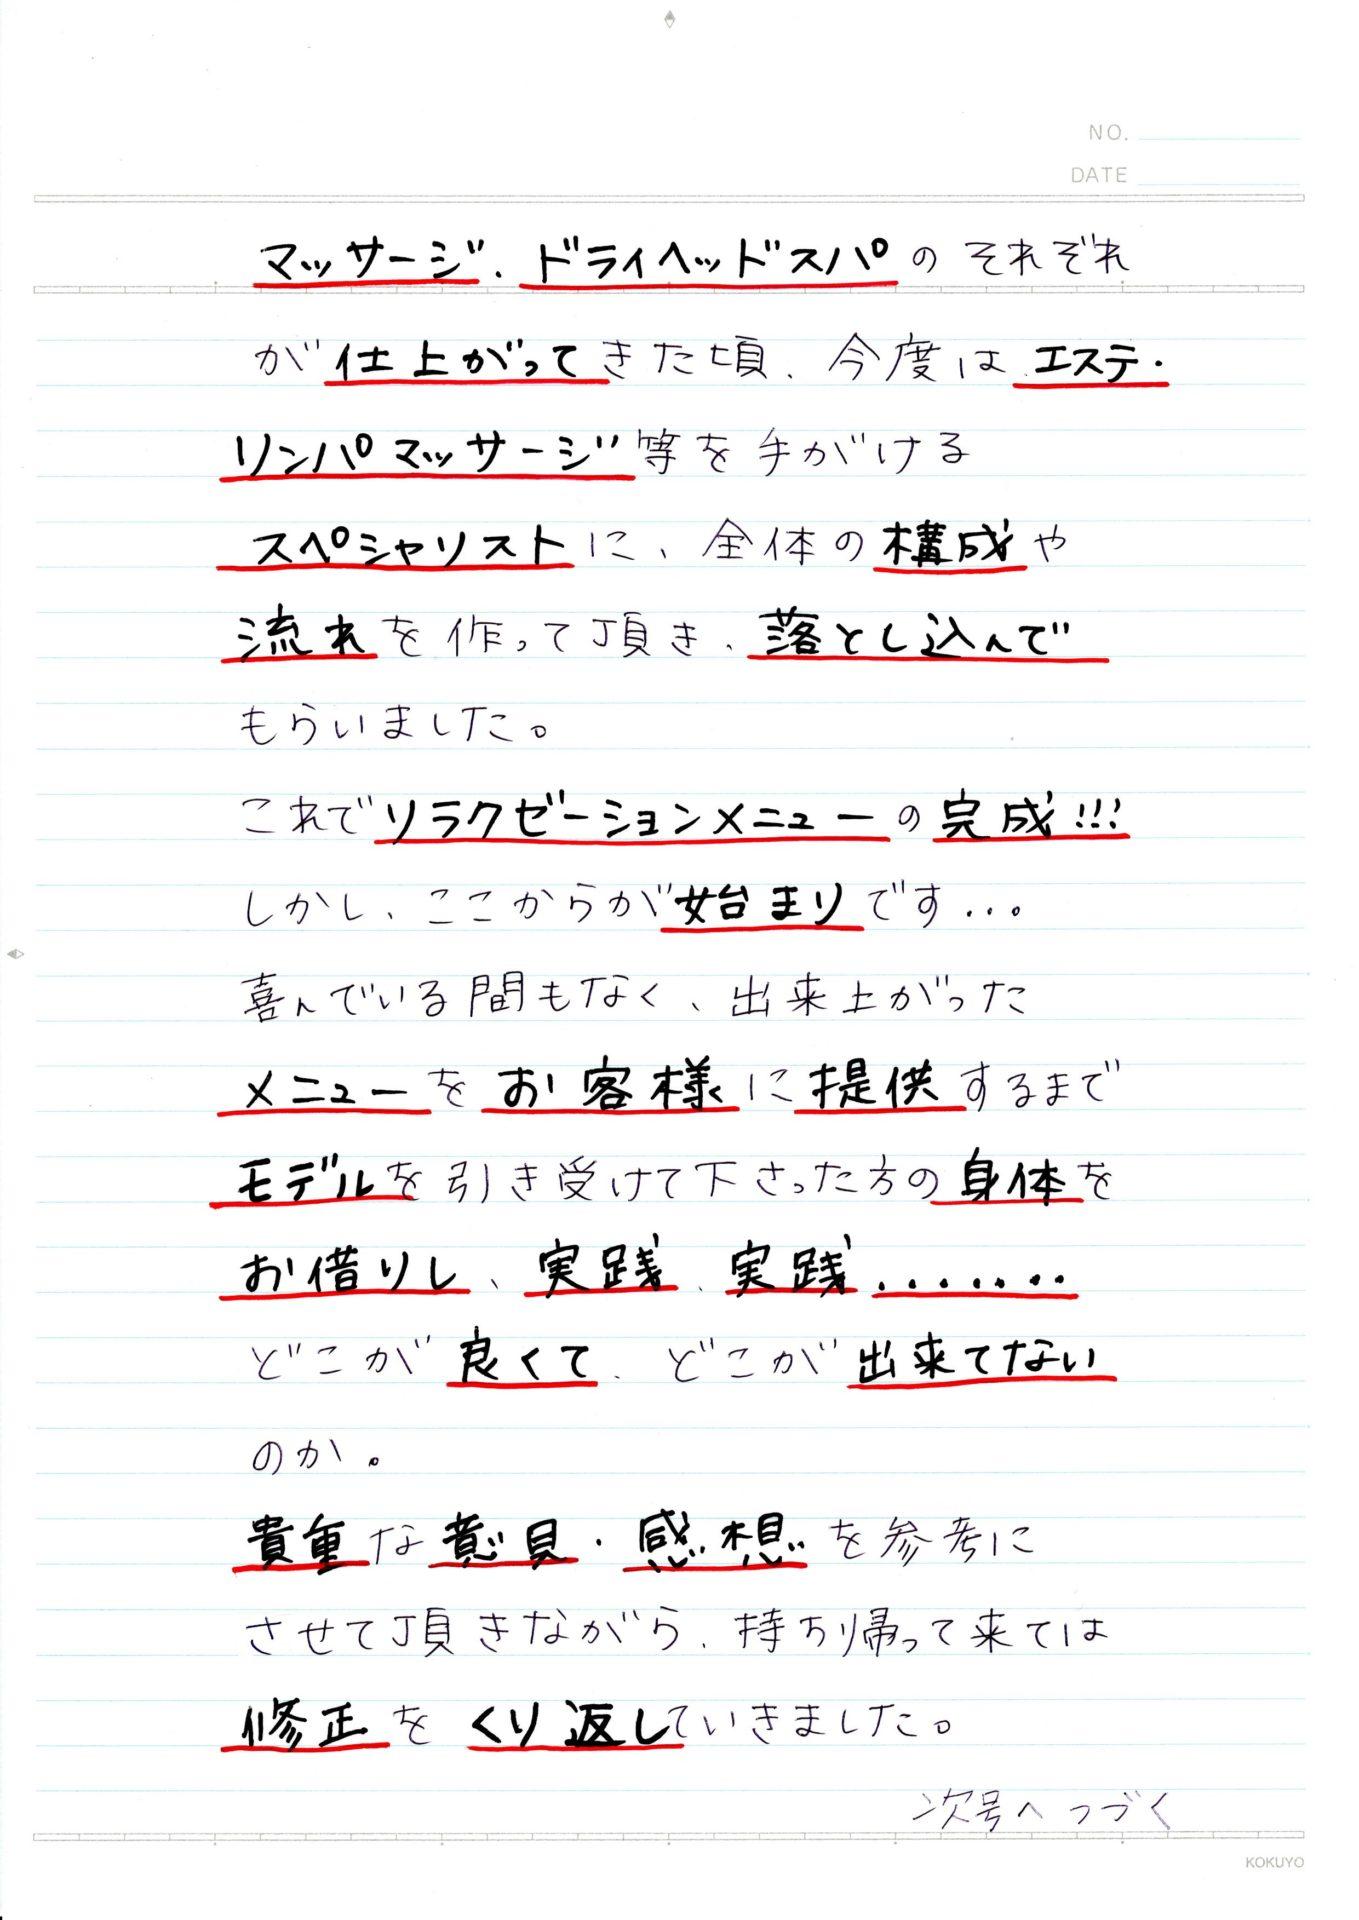 Lovy新聞 ドライヘッドスパ誕生秘話5